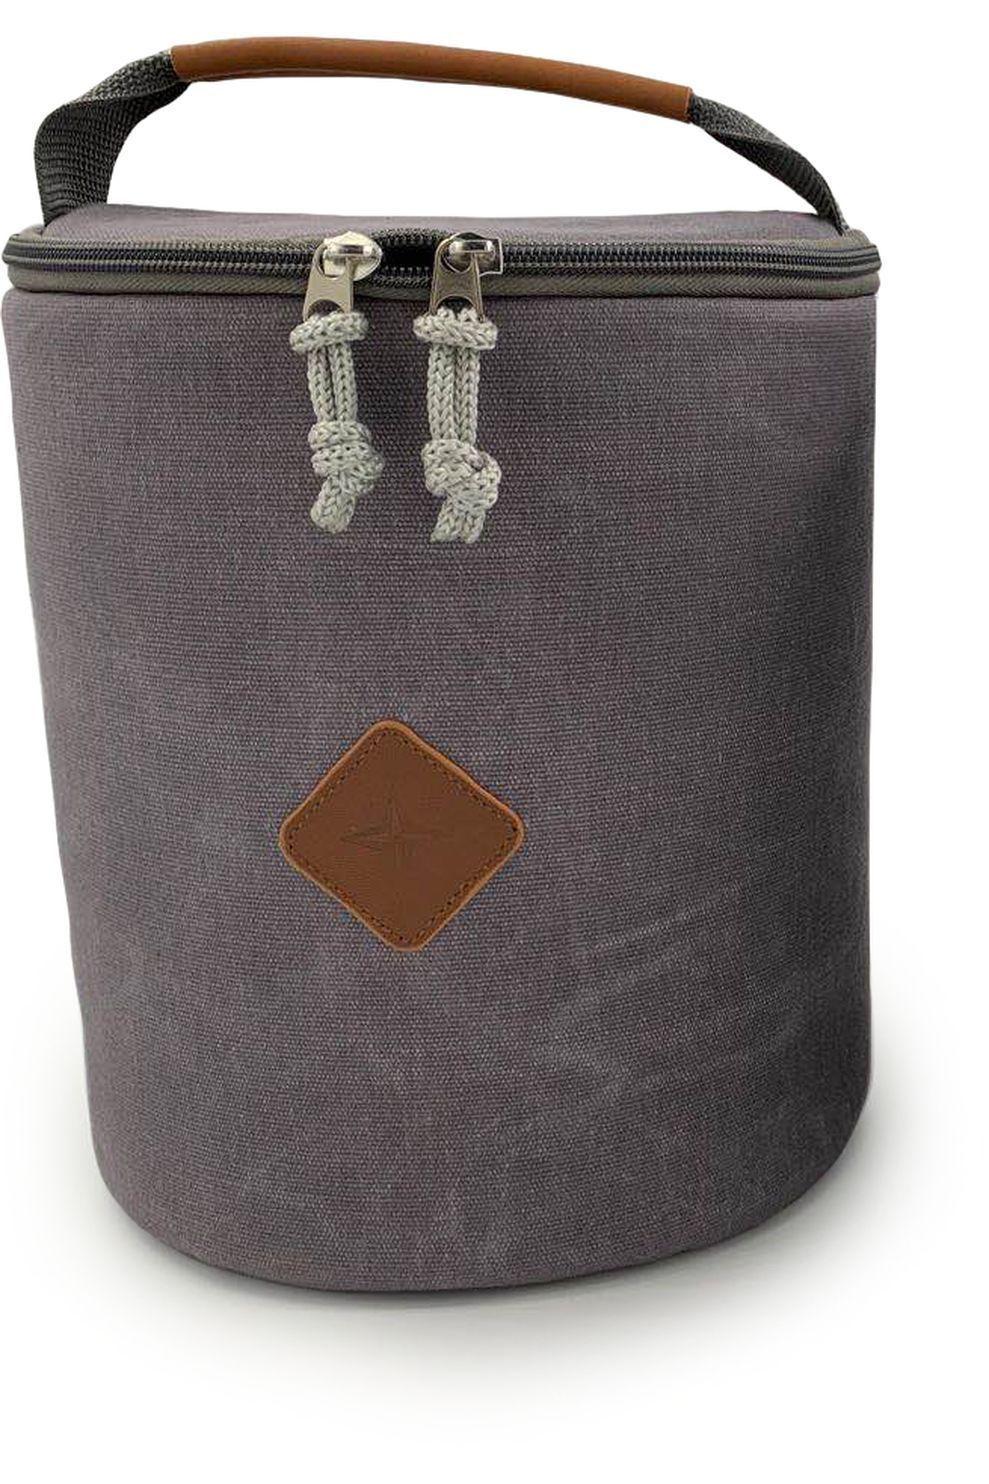 Barebones Living Padded Lantern Bag - Grijs/Zwart